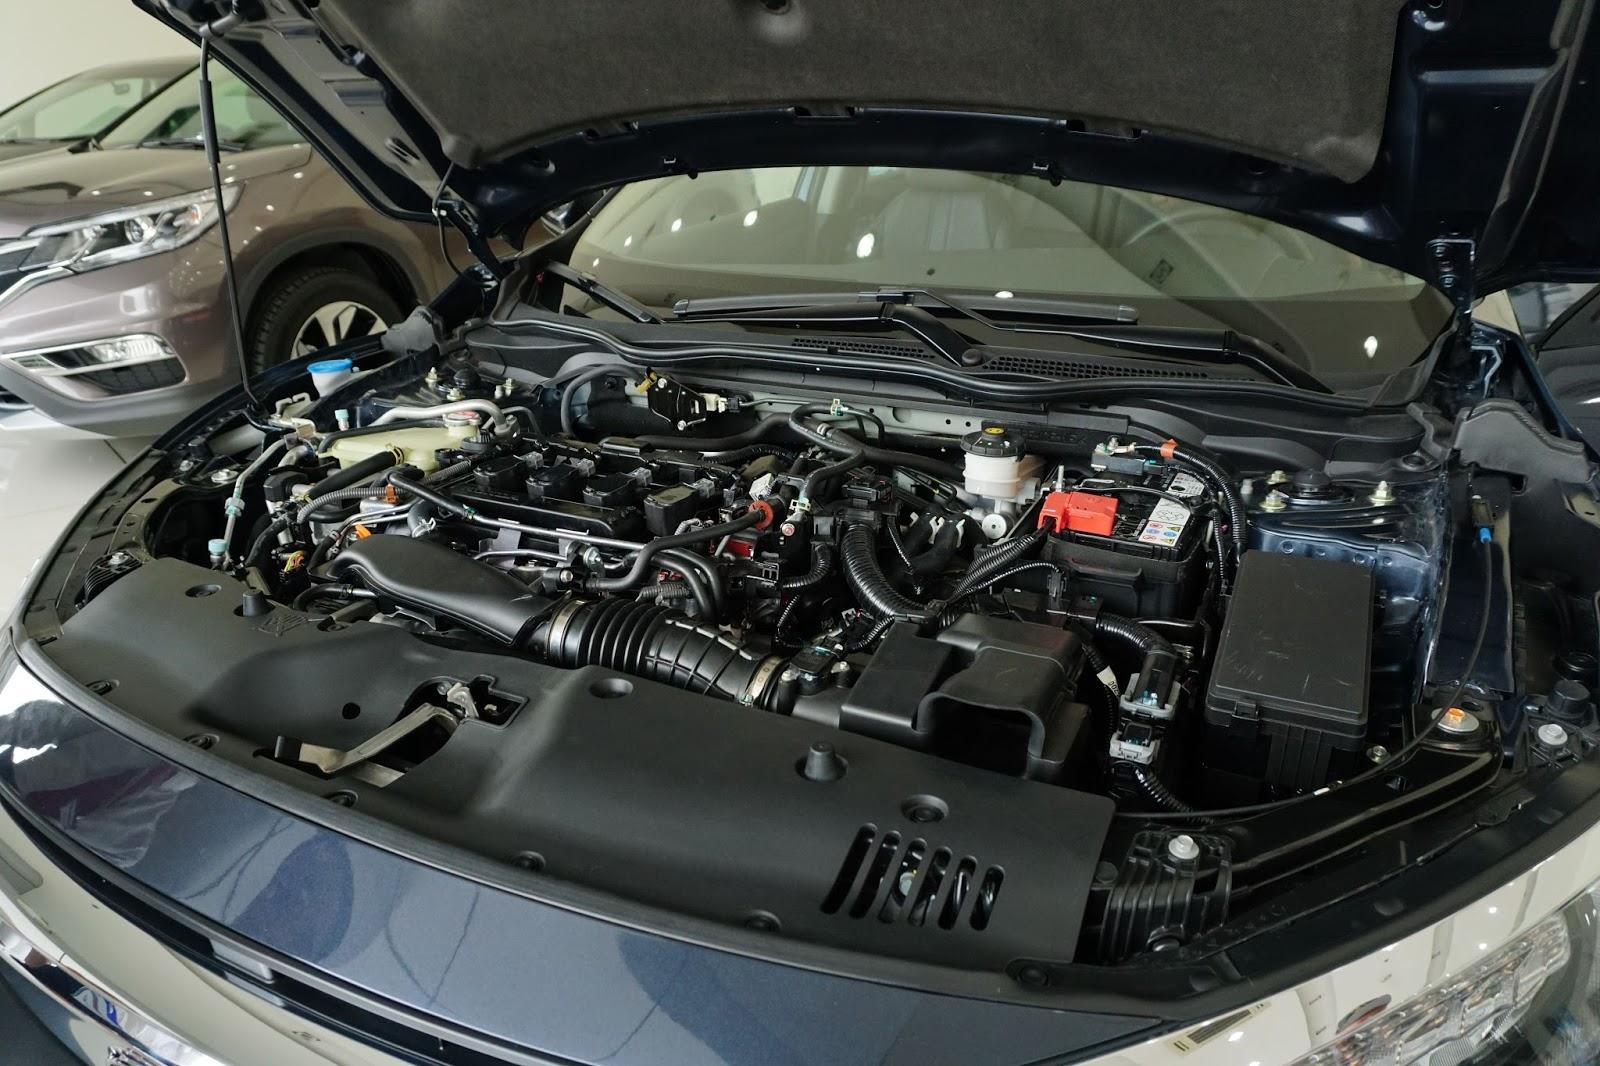 Động cơ 1.5 lít nhưng ngang với CR-V sức mạnh từ động cơ 2.4 lít